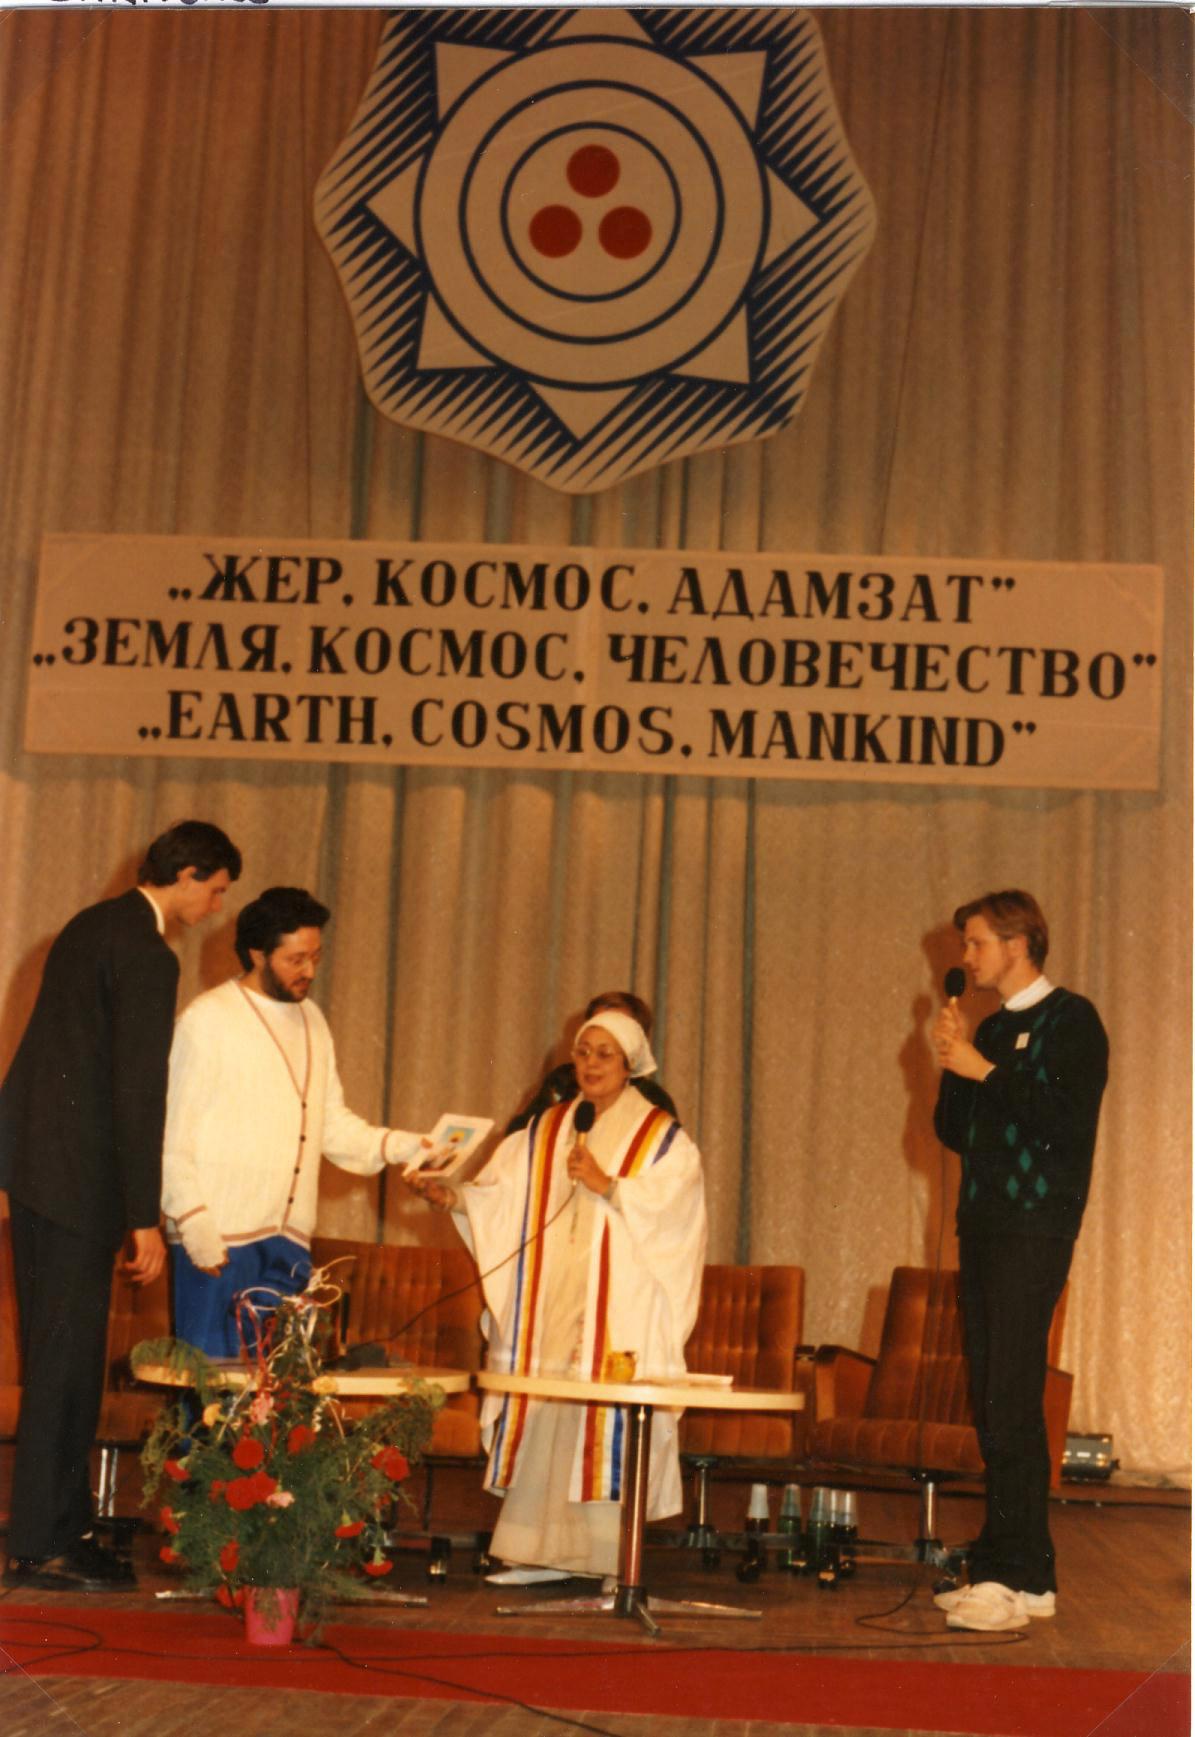 Alma Ata - Kazakistan 19 Ottobre 1992 Giorgio Bongiovanni al Congresso Mondiale per la Concordia Spirituale.